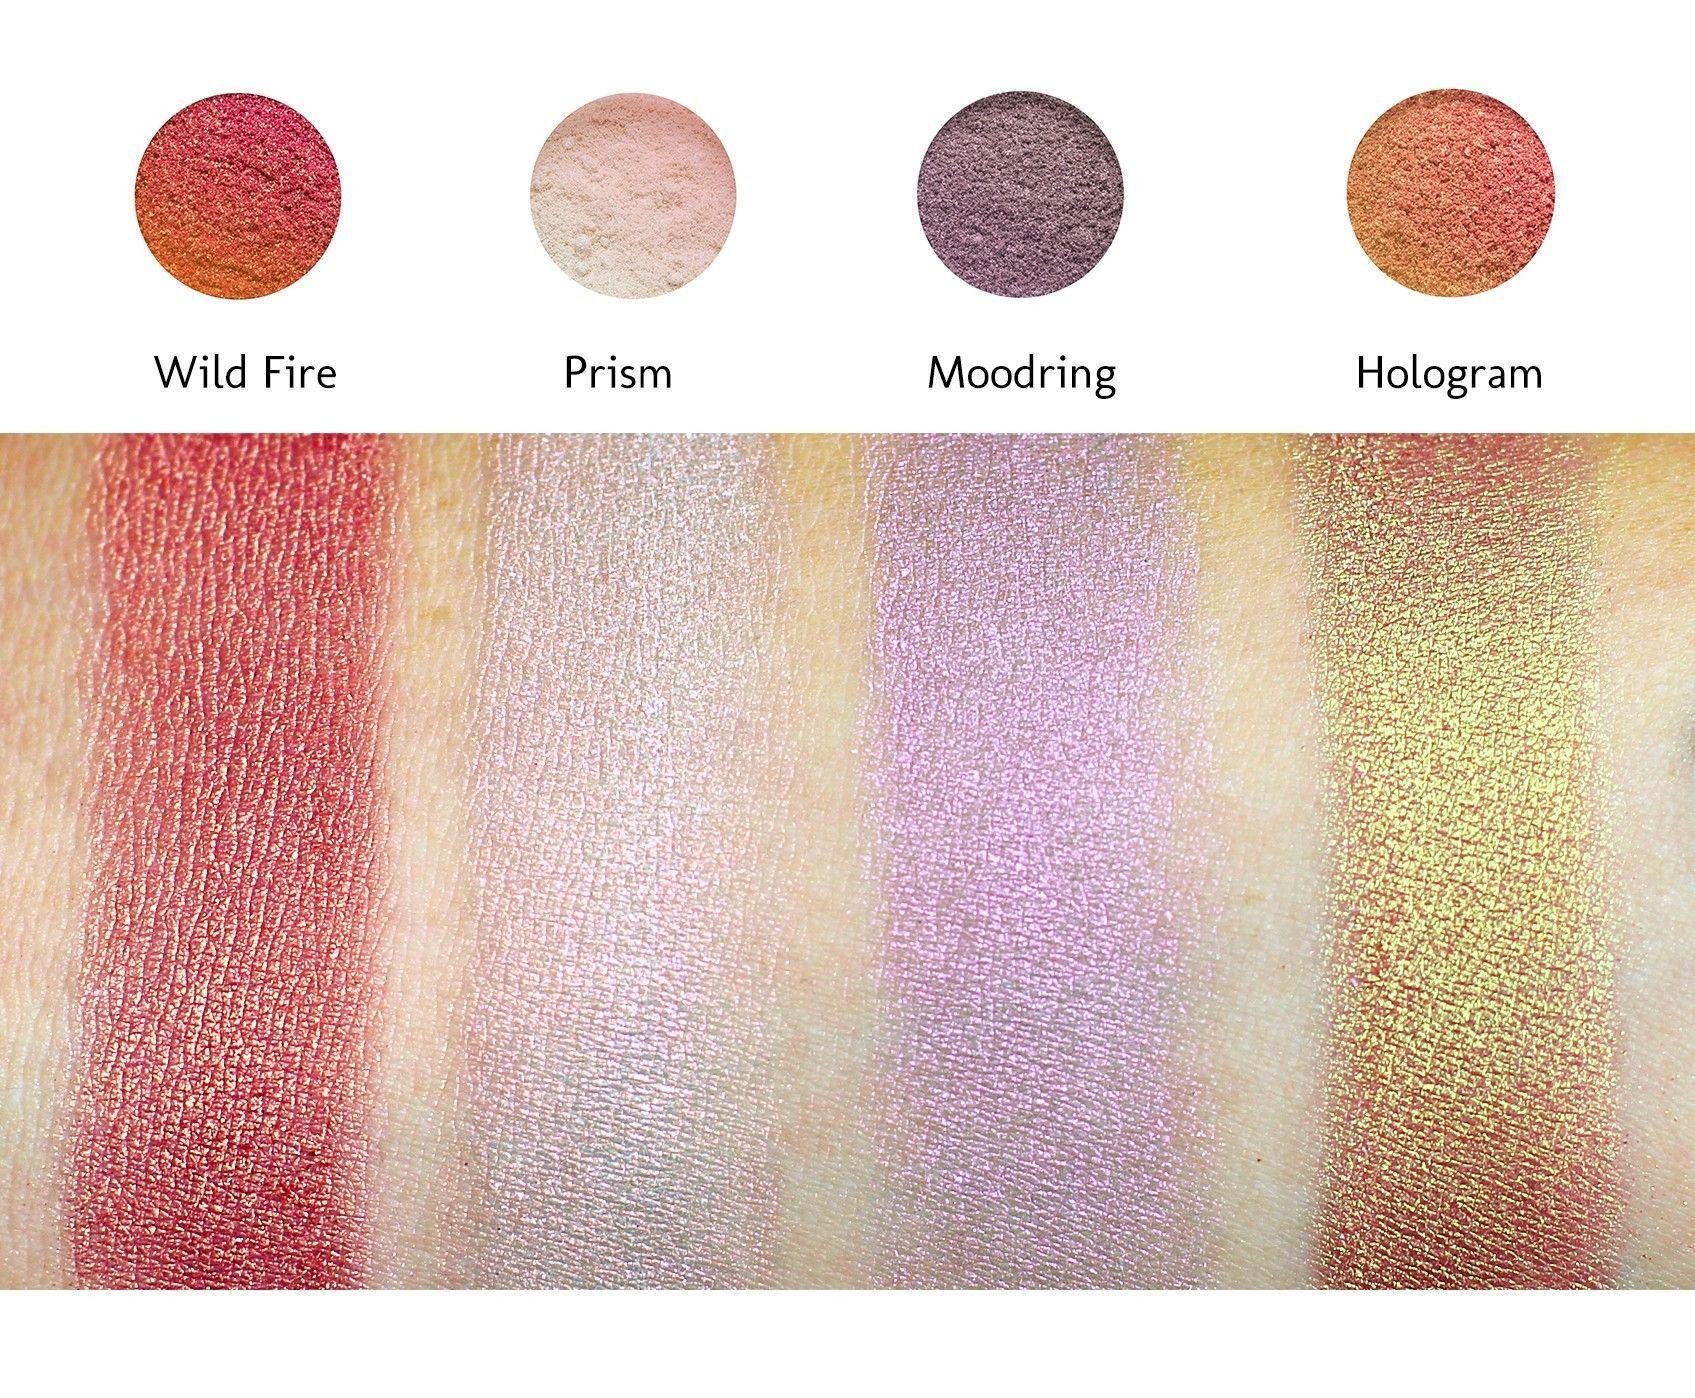 Kaleidoscope Makeup Geek Makeup Geek Pigment Duochrome Hologram